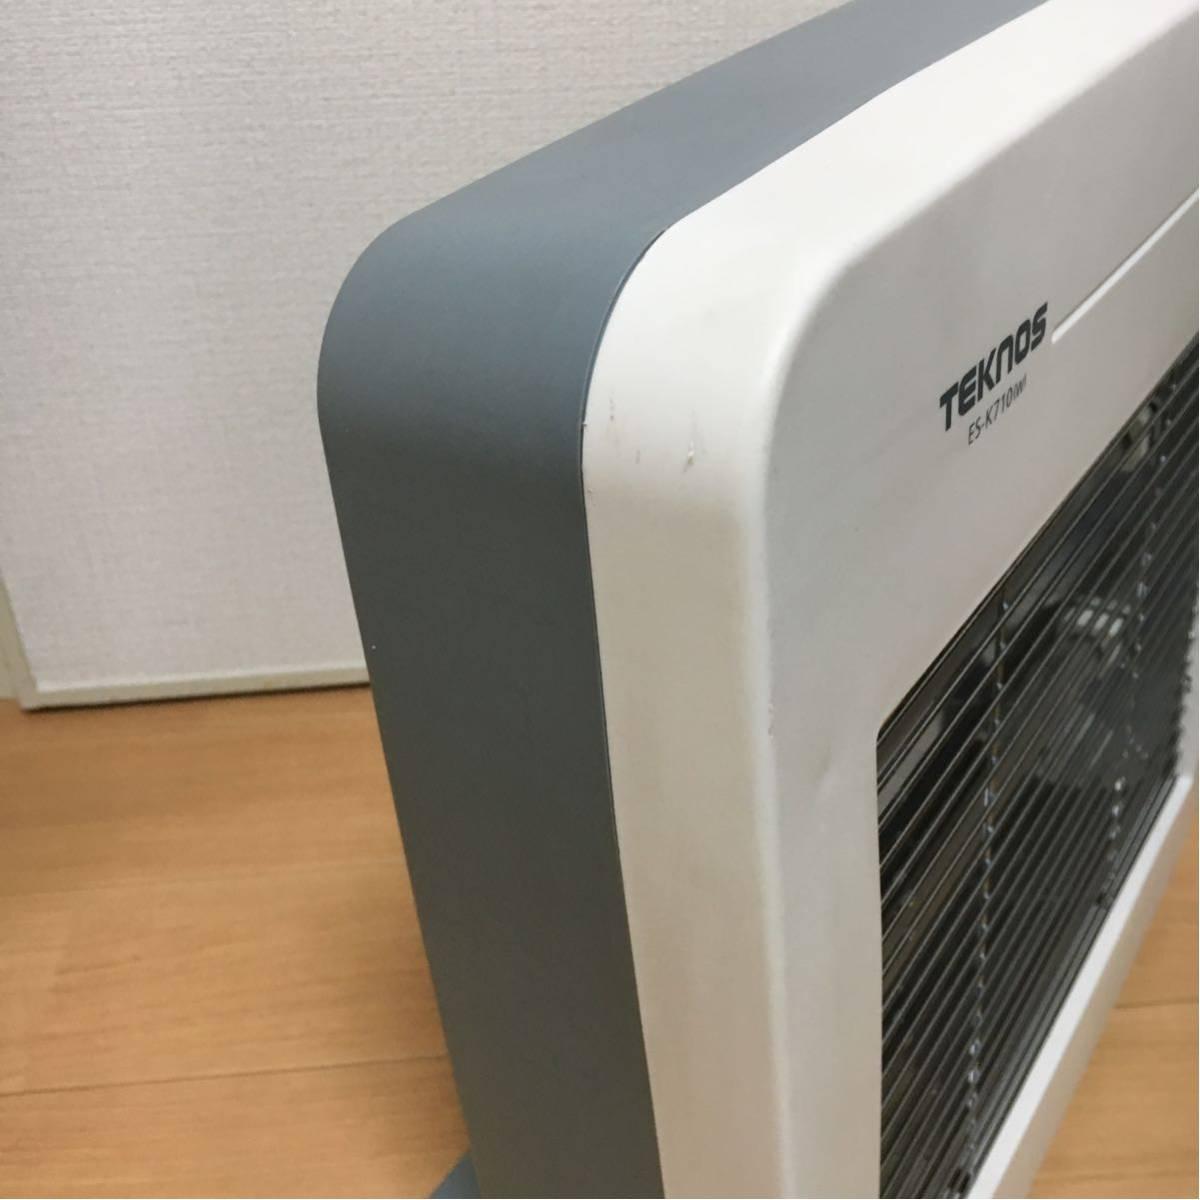 【美品】電気ストーブ ヒーター TEKNOS 800W 暖房器具 動作確認済み 転倒OFFスイッチ_画像8